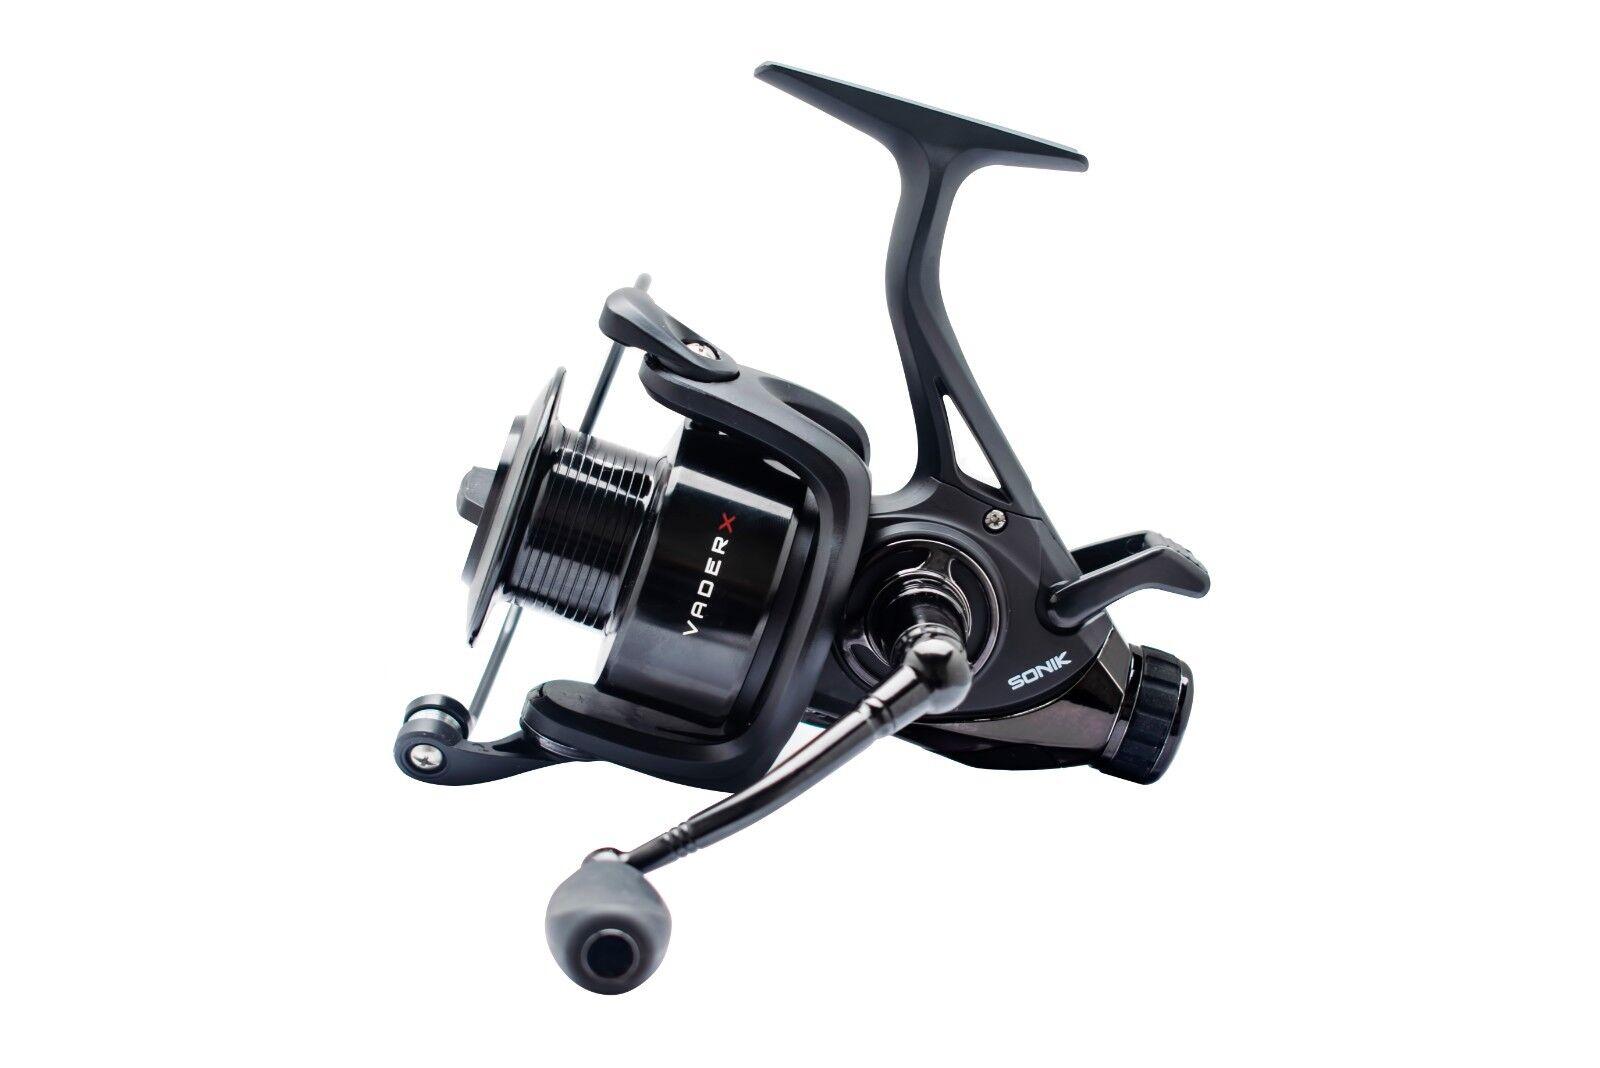 Sonik 3x Vader x x x FS Mulinello * Entrambi i modelli * nuovo mulinello da pesca carpa a8cc1a